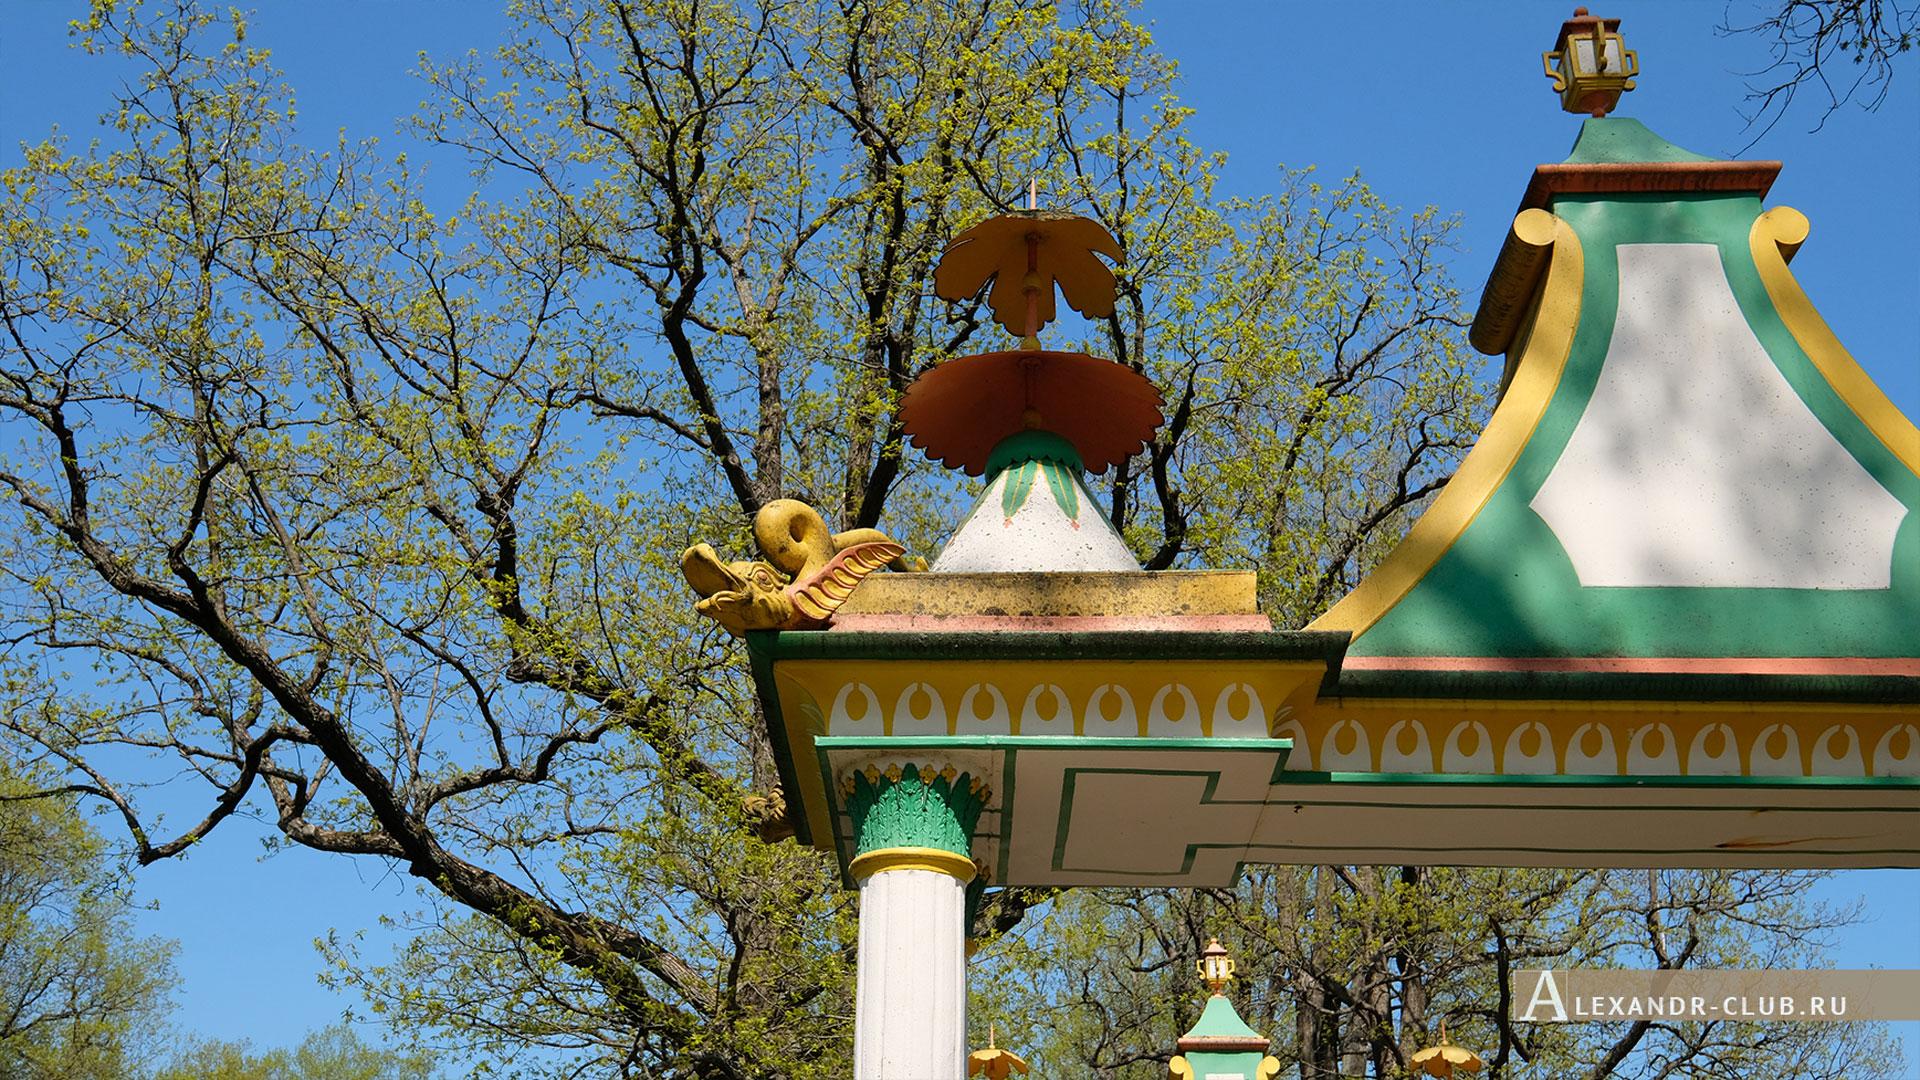 Царское Село, Александровский парк, весна, Китайский мостик